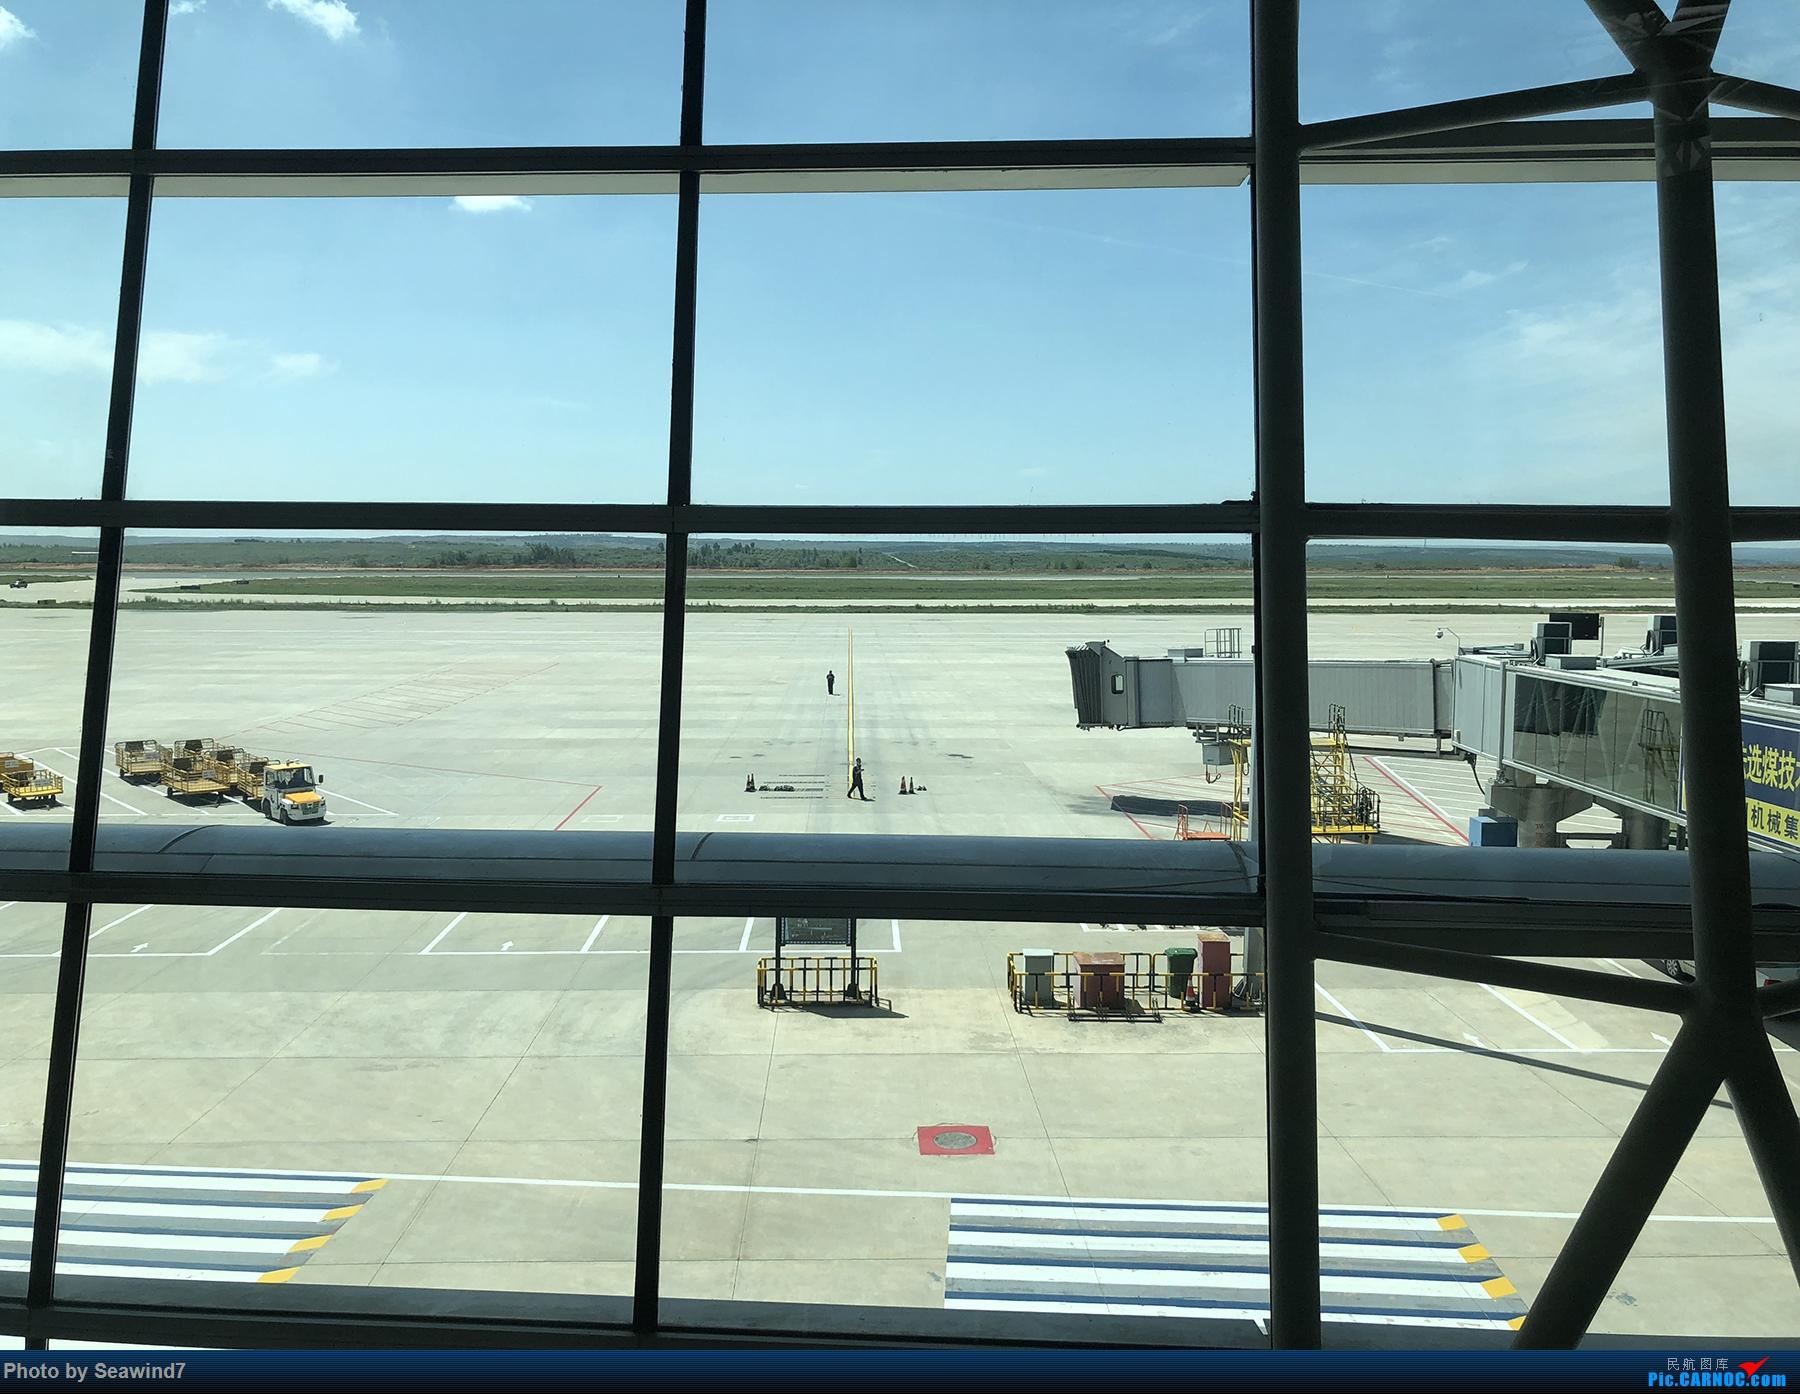 Re:[原创][Seawind7游记第七弹]鄂尔多斯往返    中国鄂尔多斯伊金霍洛机场